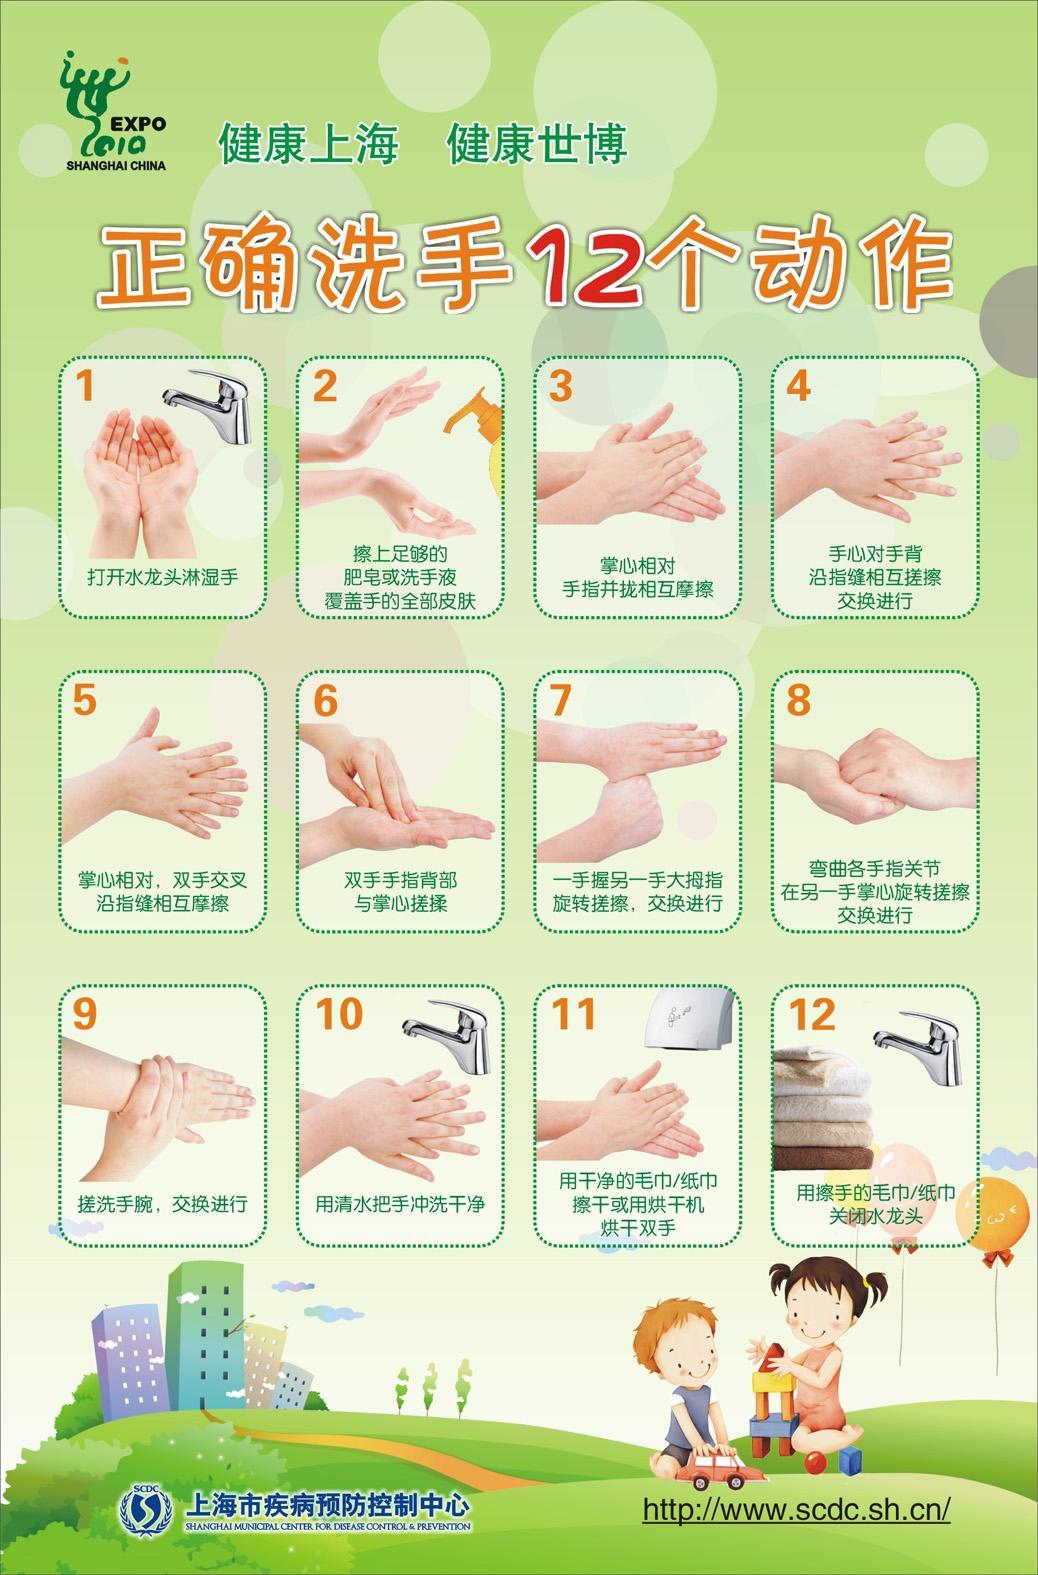 指导幼儿园洗手步骤